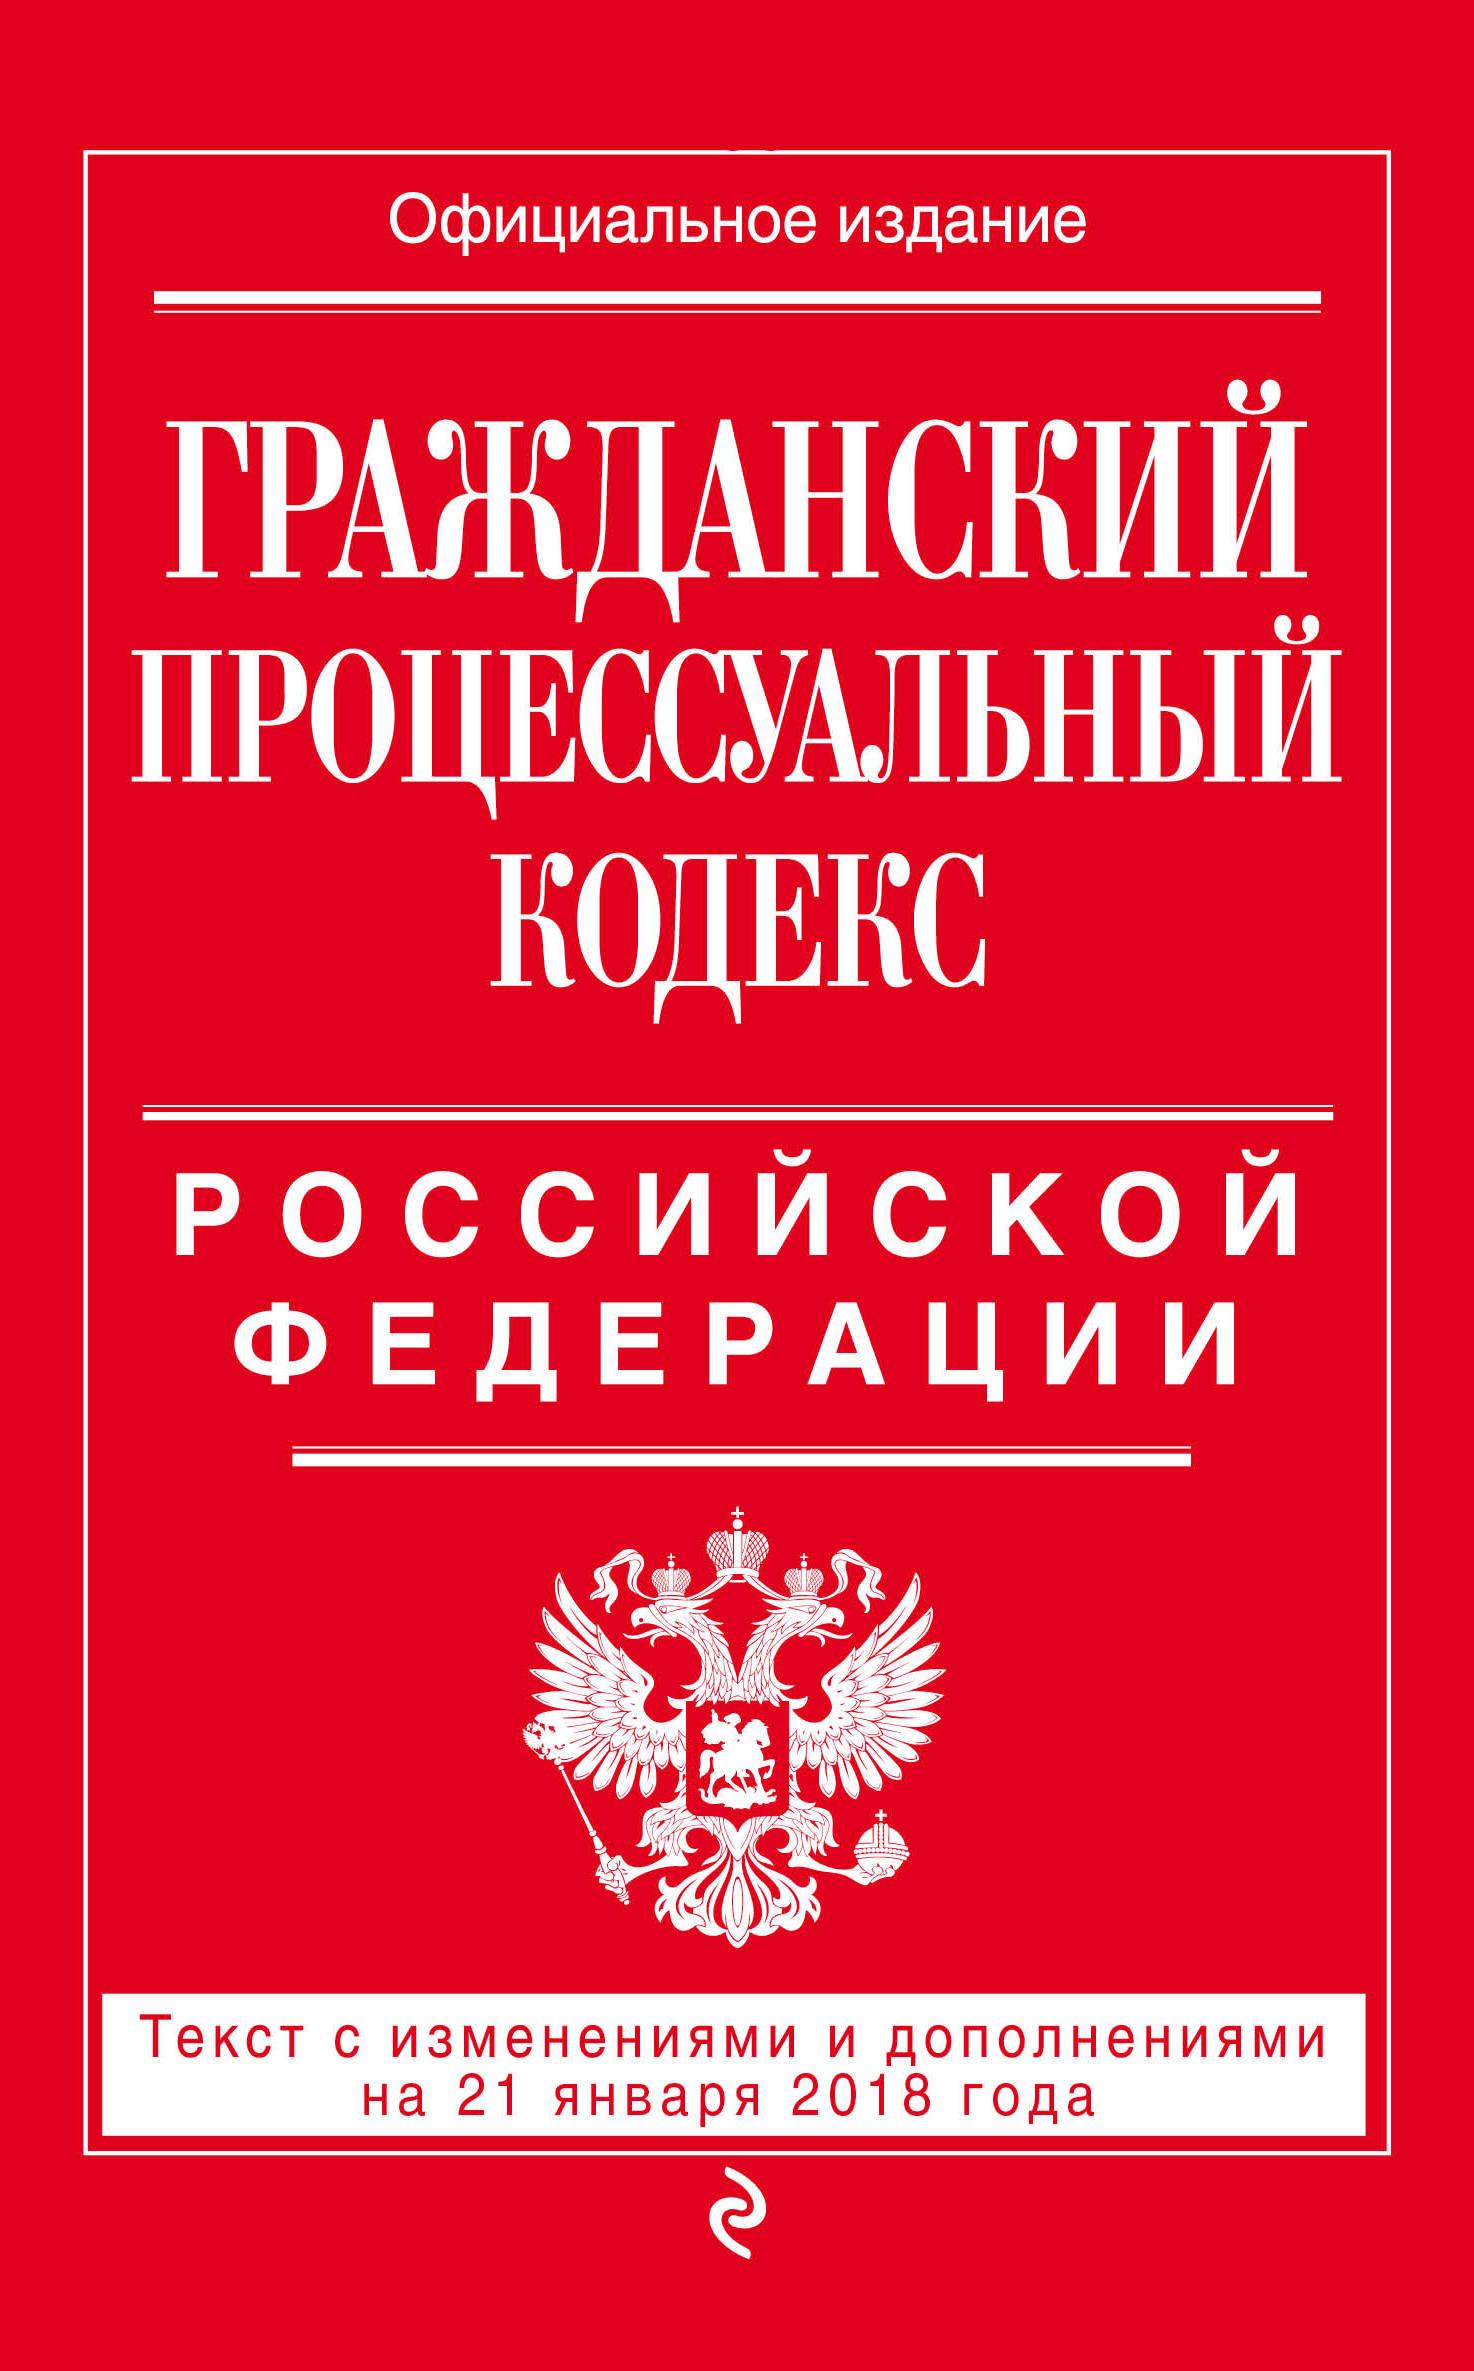 9785040921928 - Гражданский процессуальный кодекс Российской Федерации - Книга